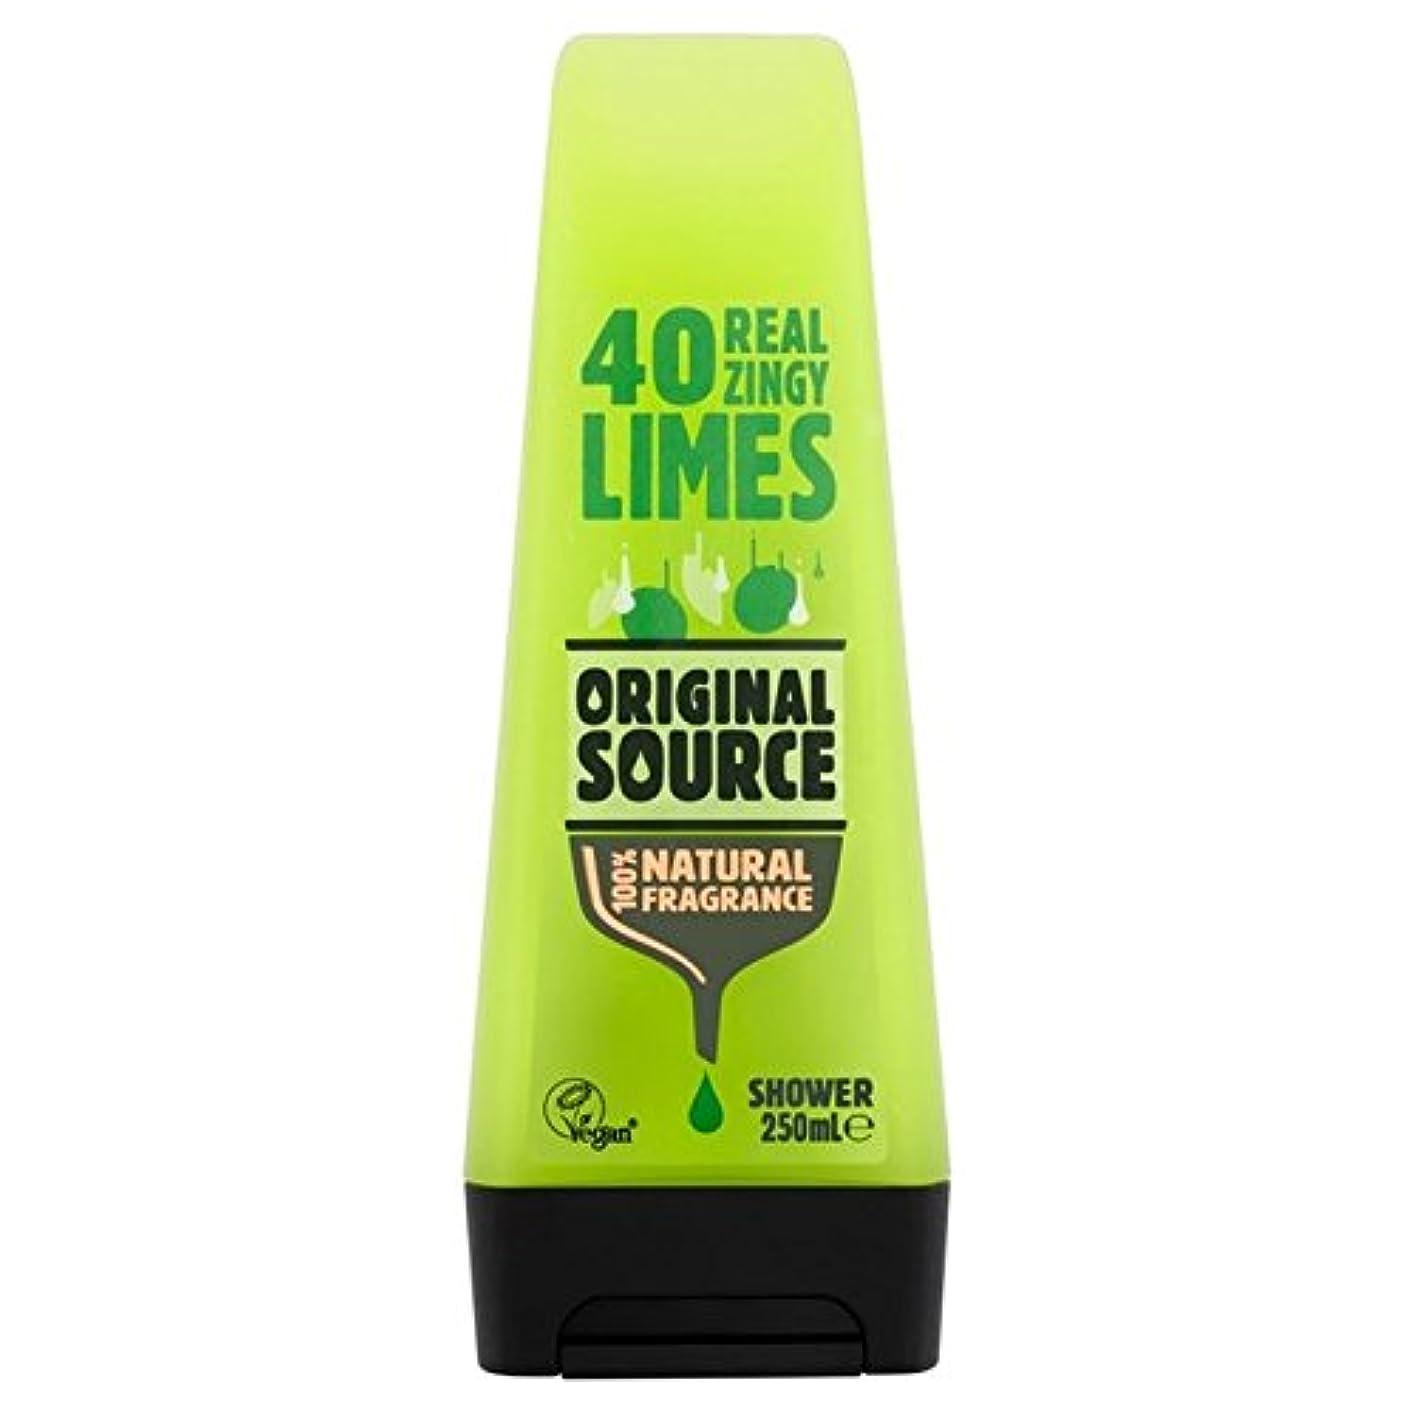 宣言する幻滅するファッションOriginal Source Lime Shower Gel 250ml - 元のソースライムシャワージェル250ミリリットル [並行輸入品]